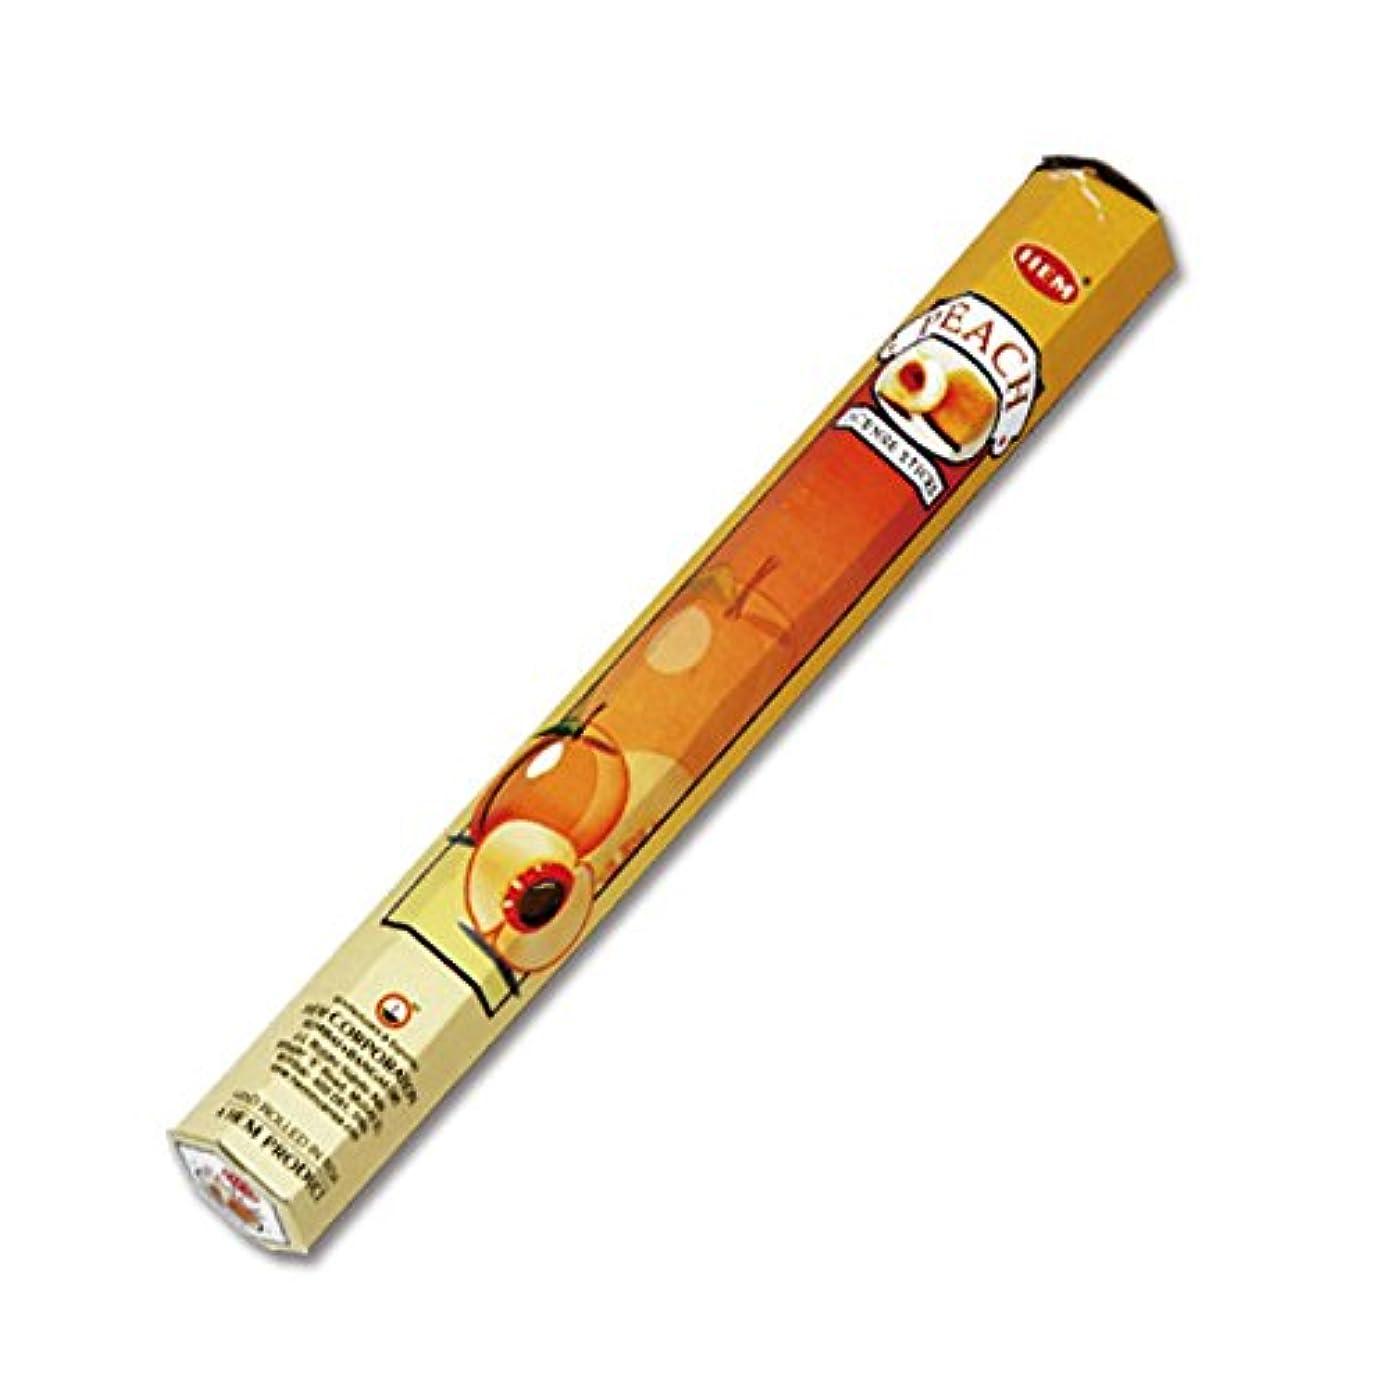 ウィスキーインデックスサイレンHEM(ヘム) ピーチ PEACHT スティックタイプ お香 1筒 単品 [並行輸入品]